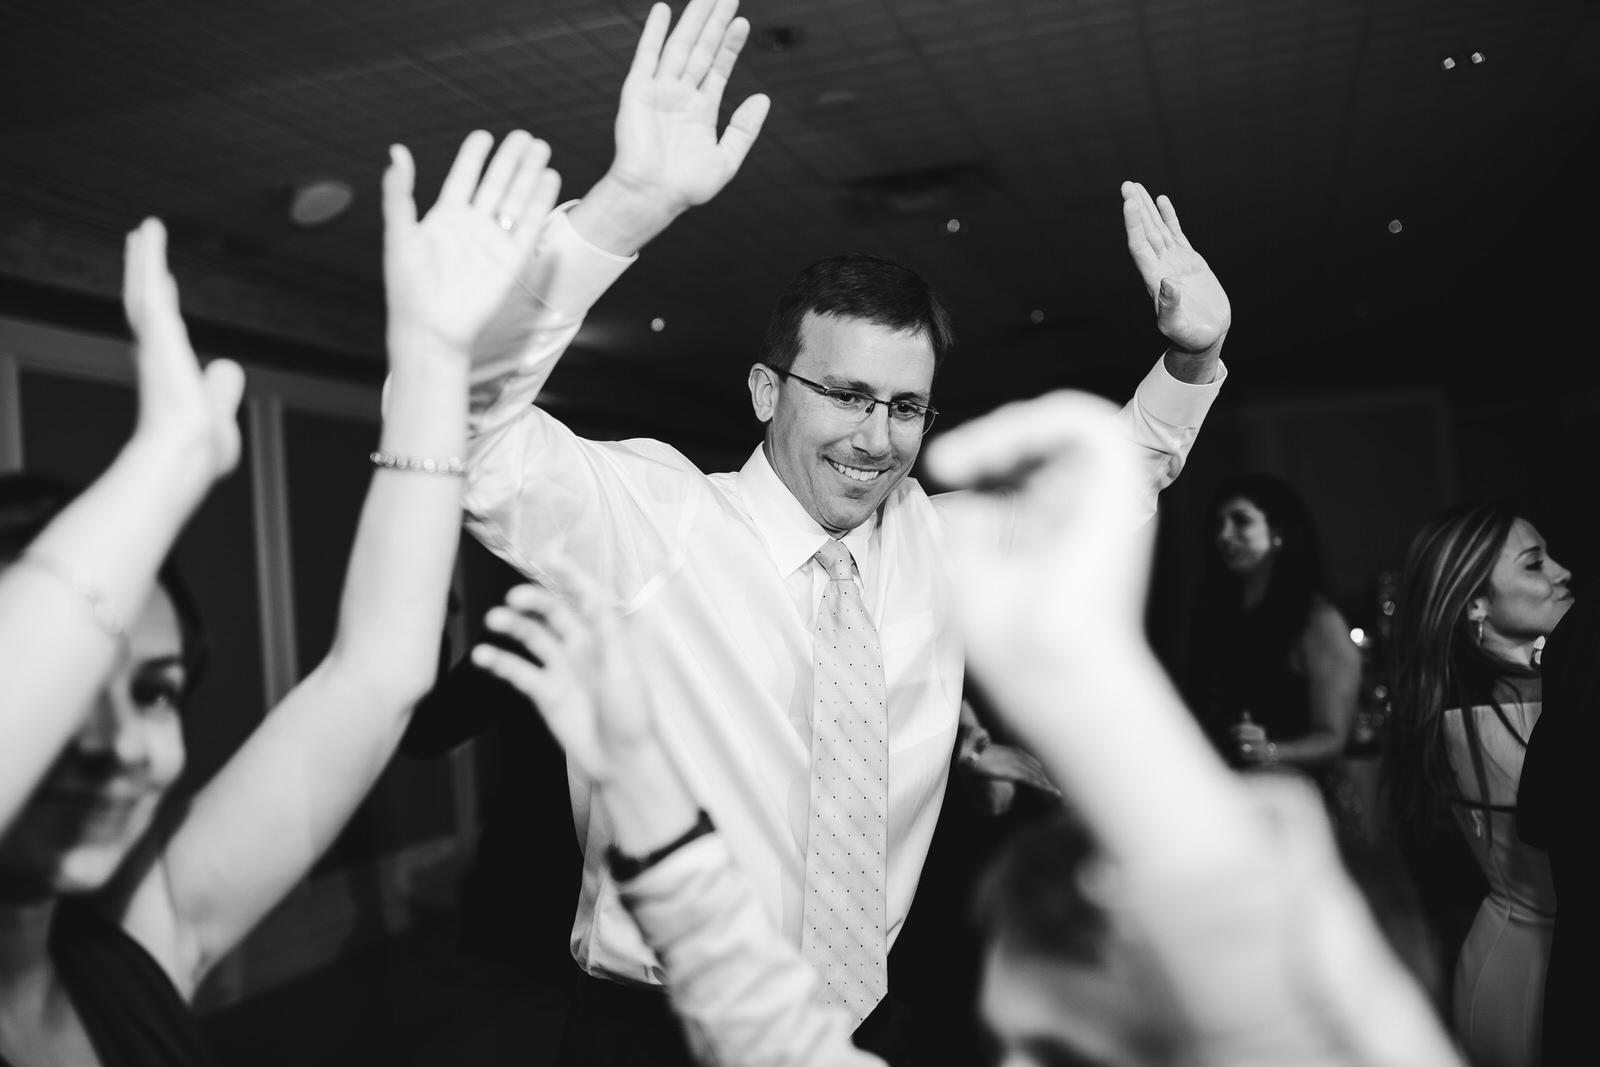 fun_dance_photos_tiny_house_photo_the_addison.jpg